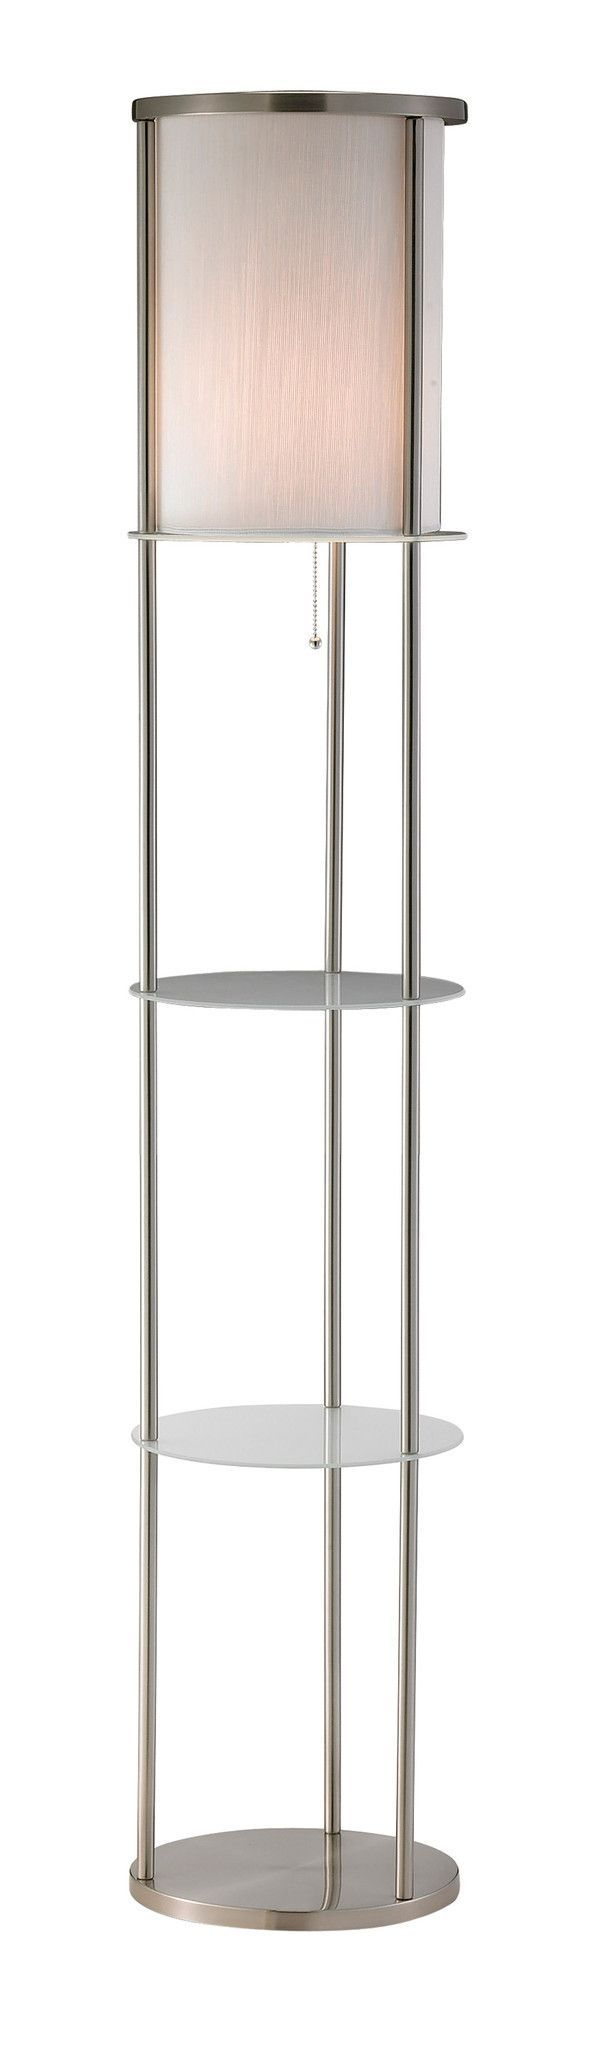 Holden Shelf Floor Lamp